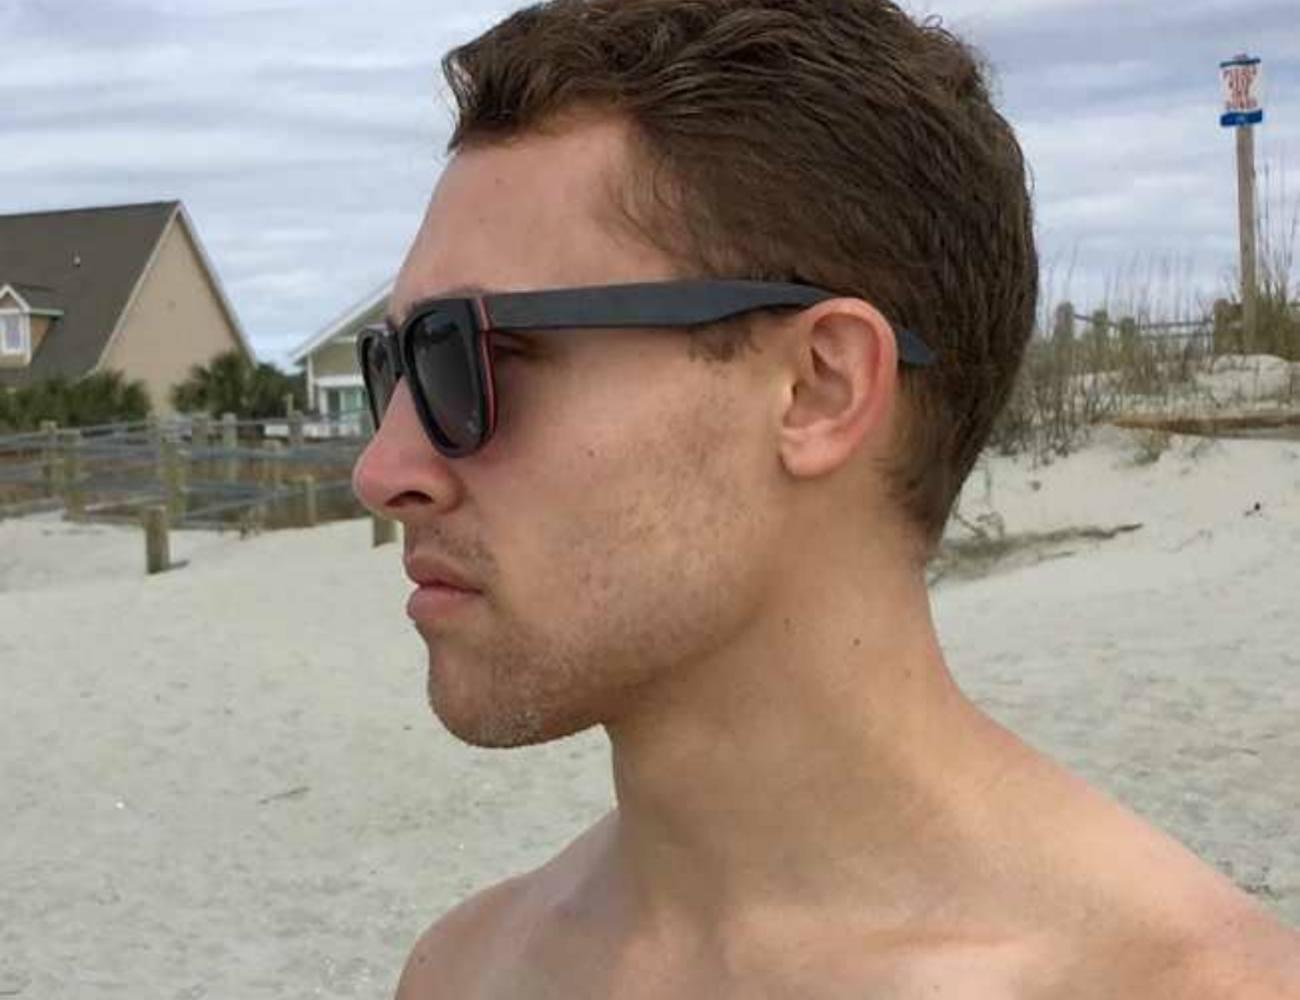 KickFly%E2%80%99s+Skateboard+Wood+Sunglasses